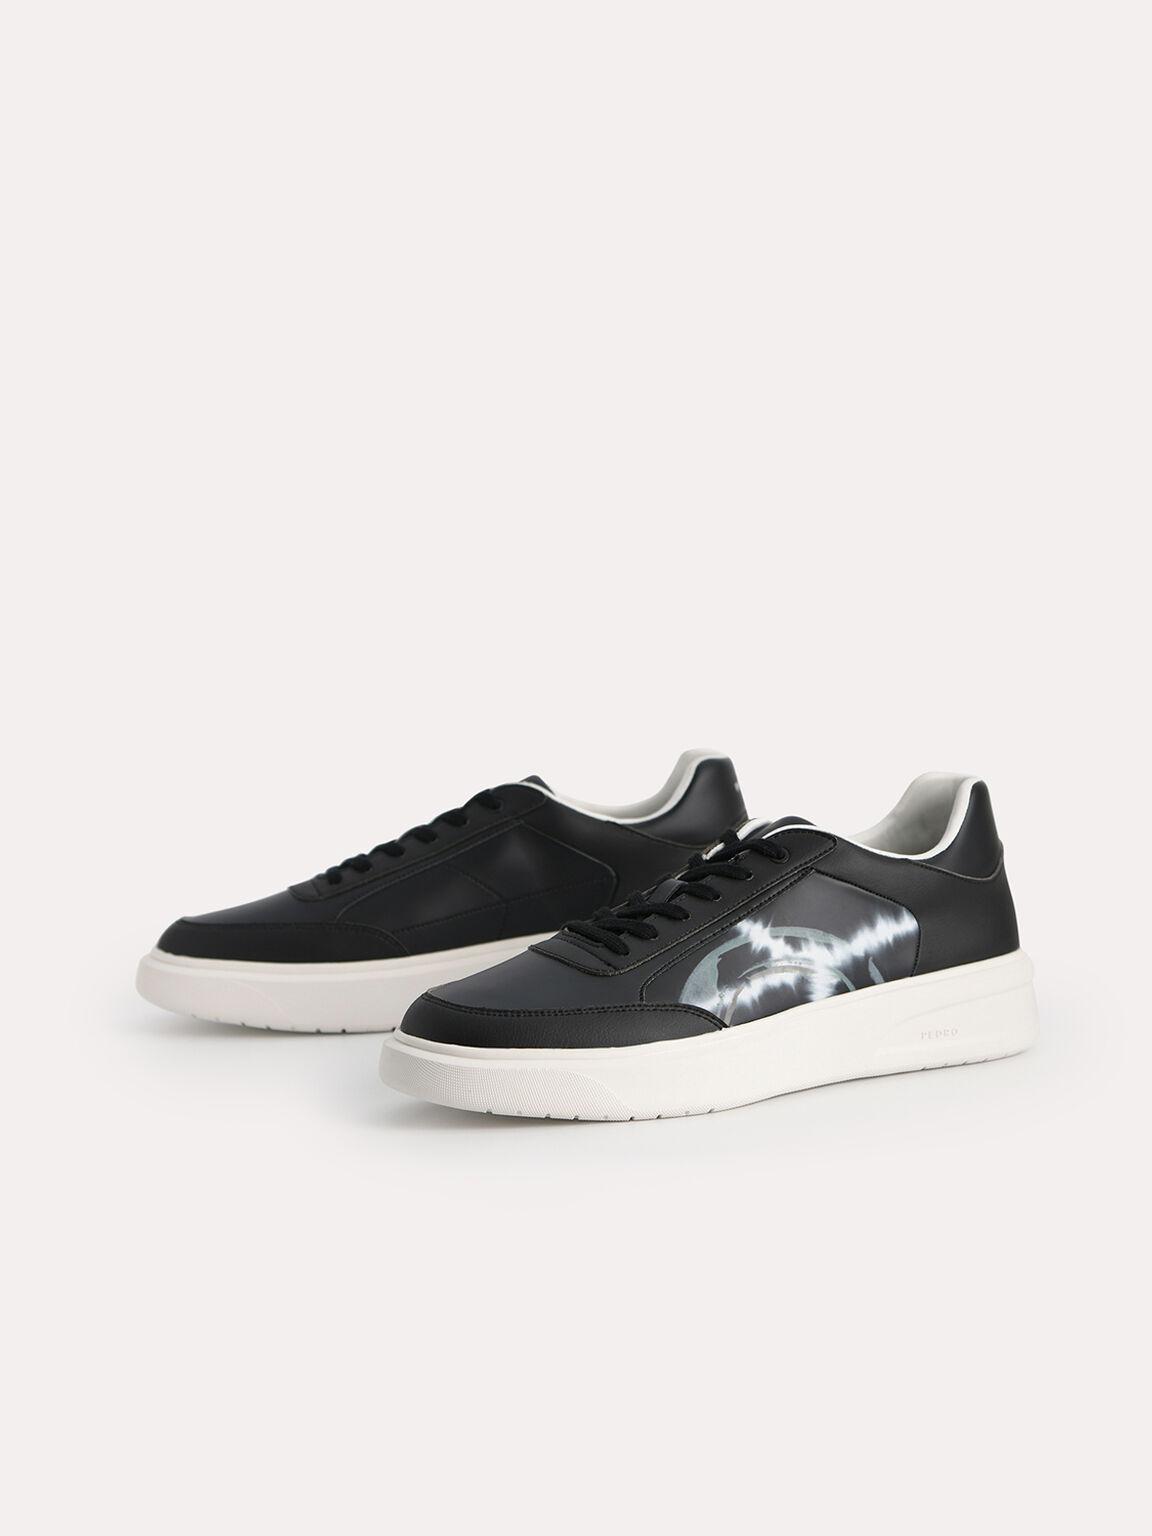 Dayflux Sneakers, Black, hi-res